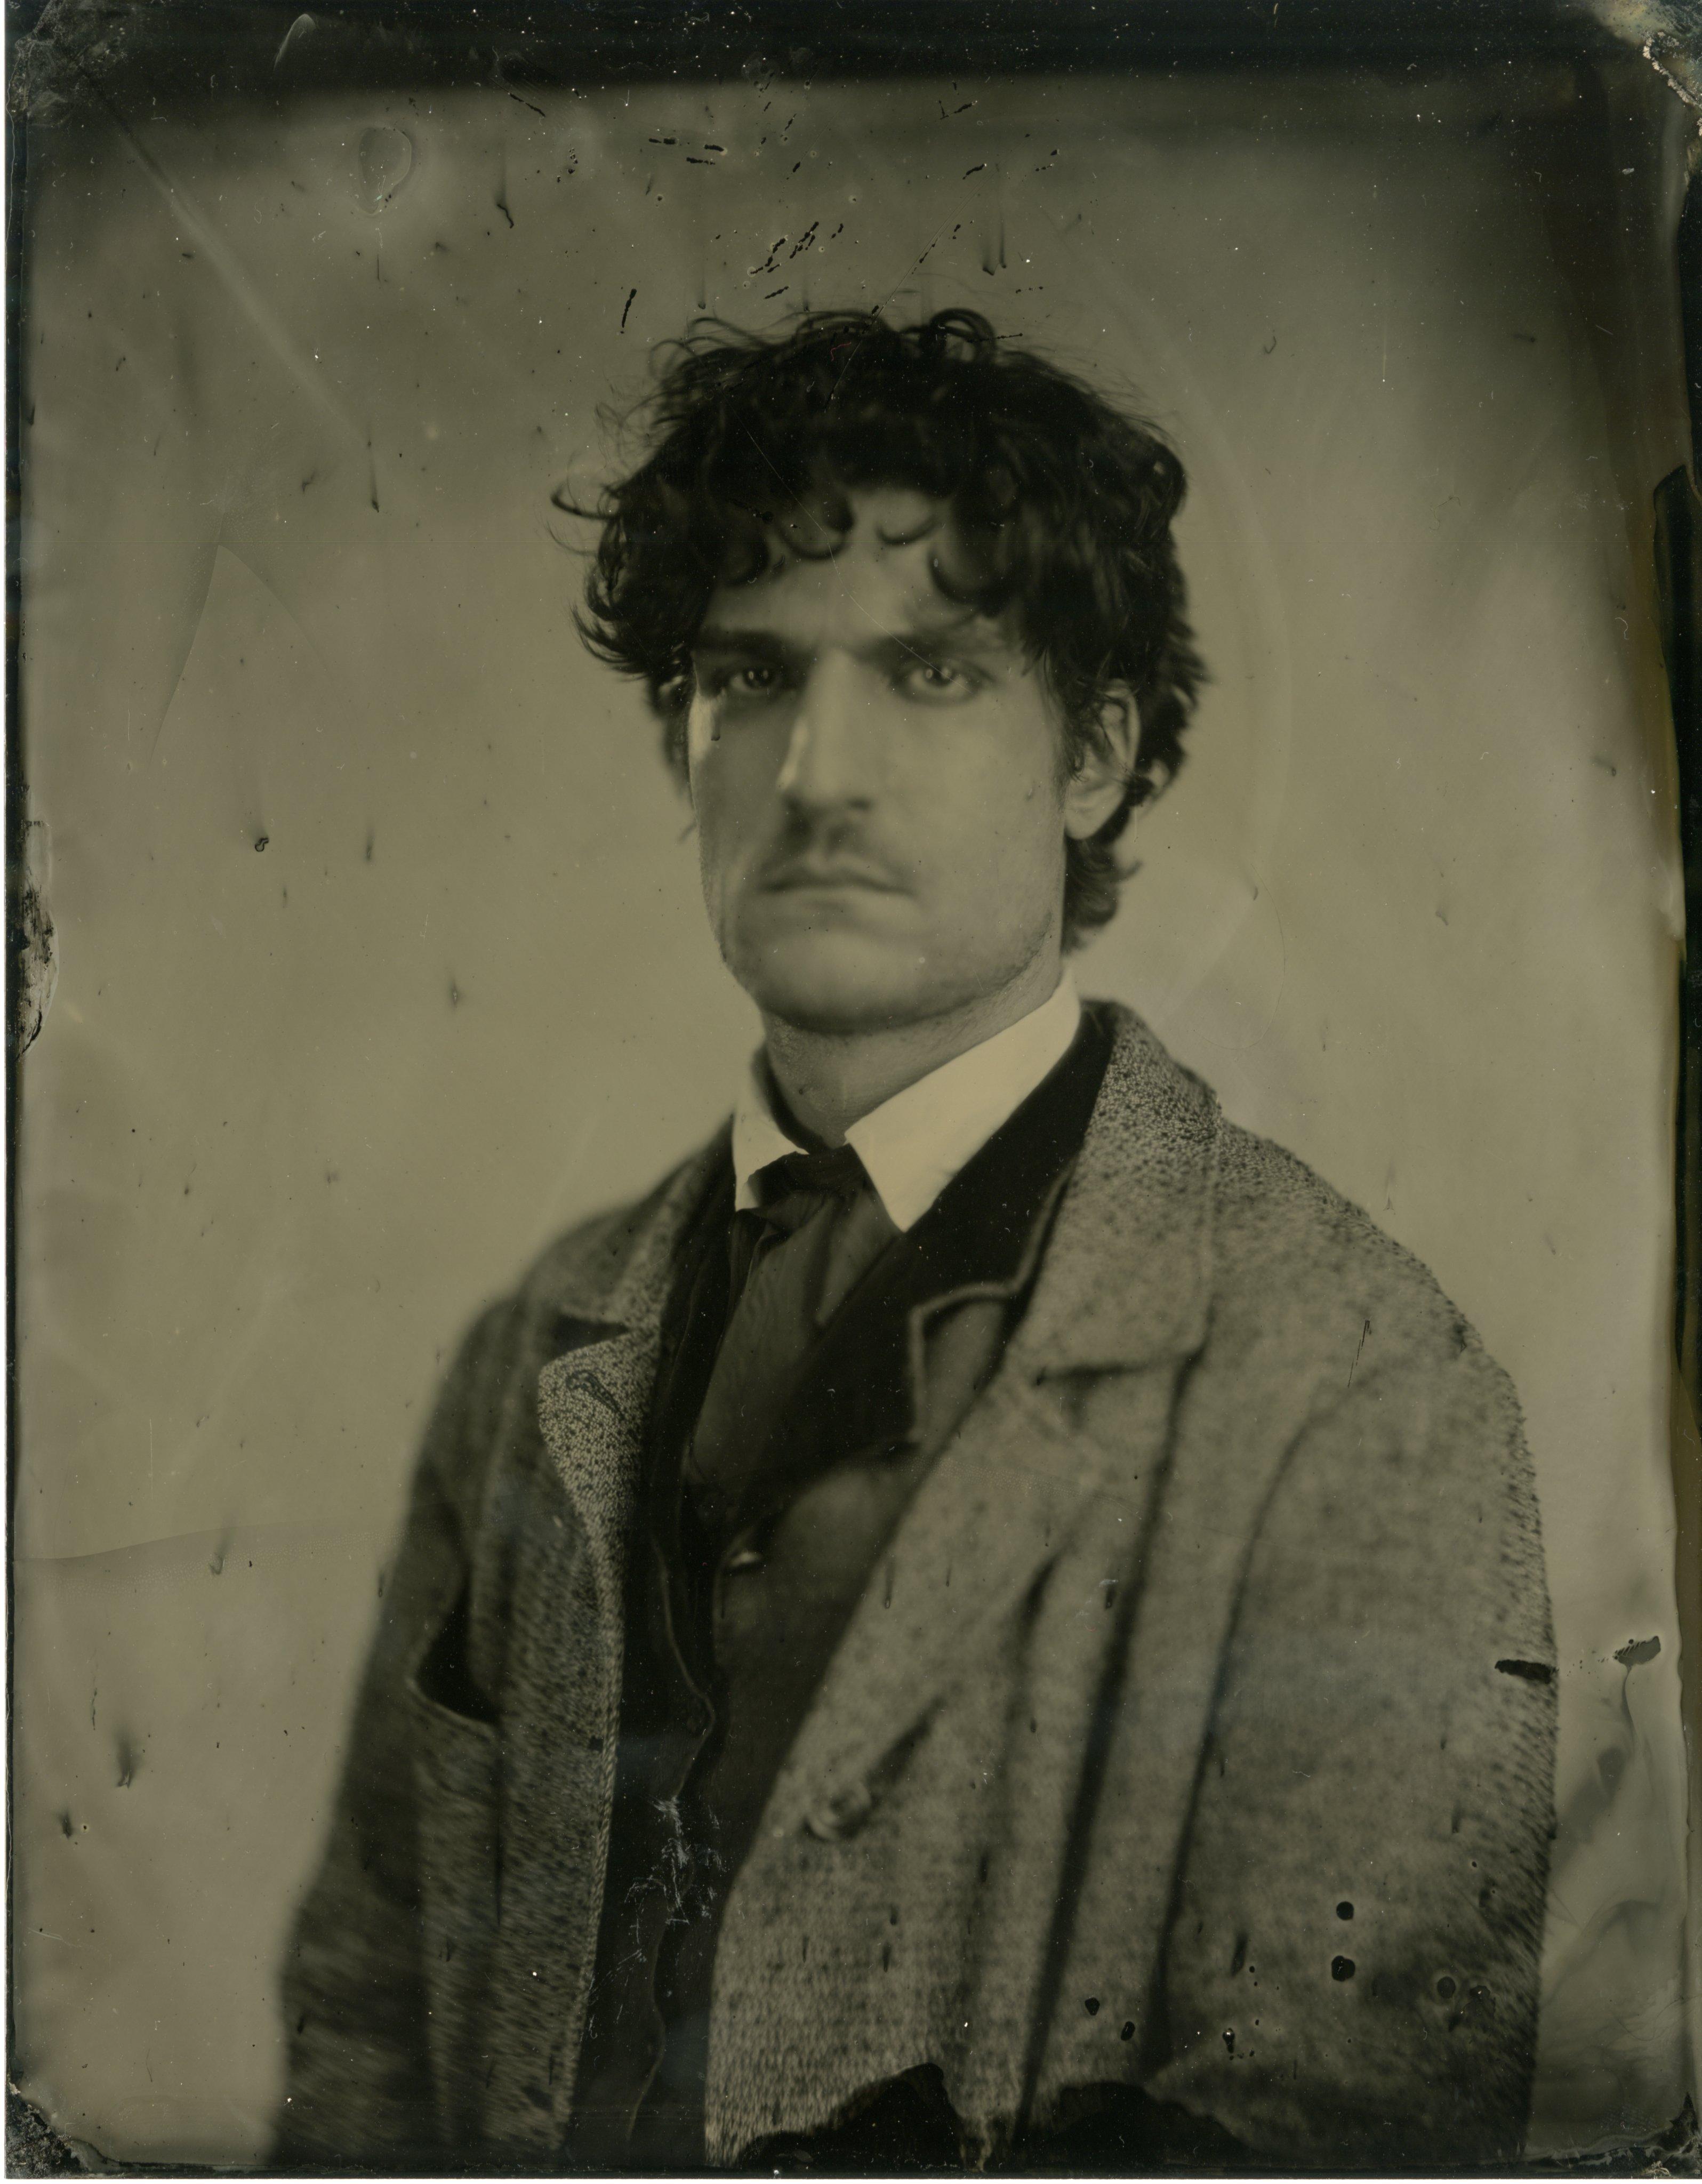 Actor Louis Garrel portrays Friedrich Bhaer.